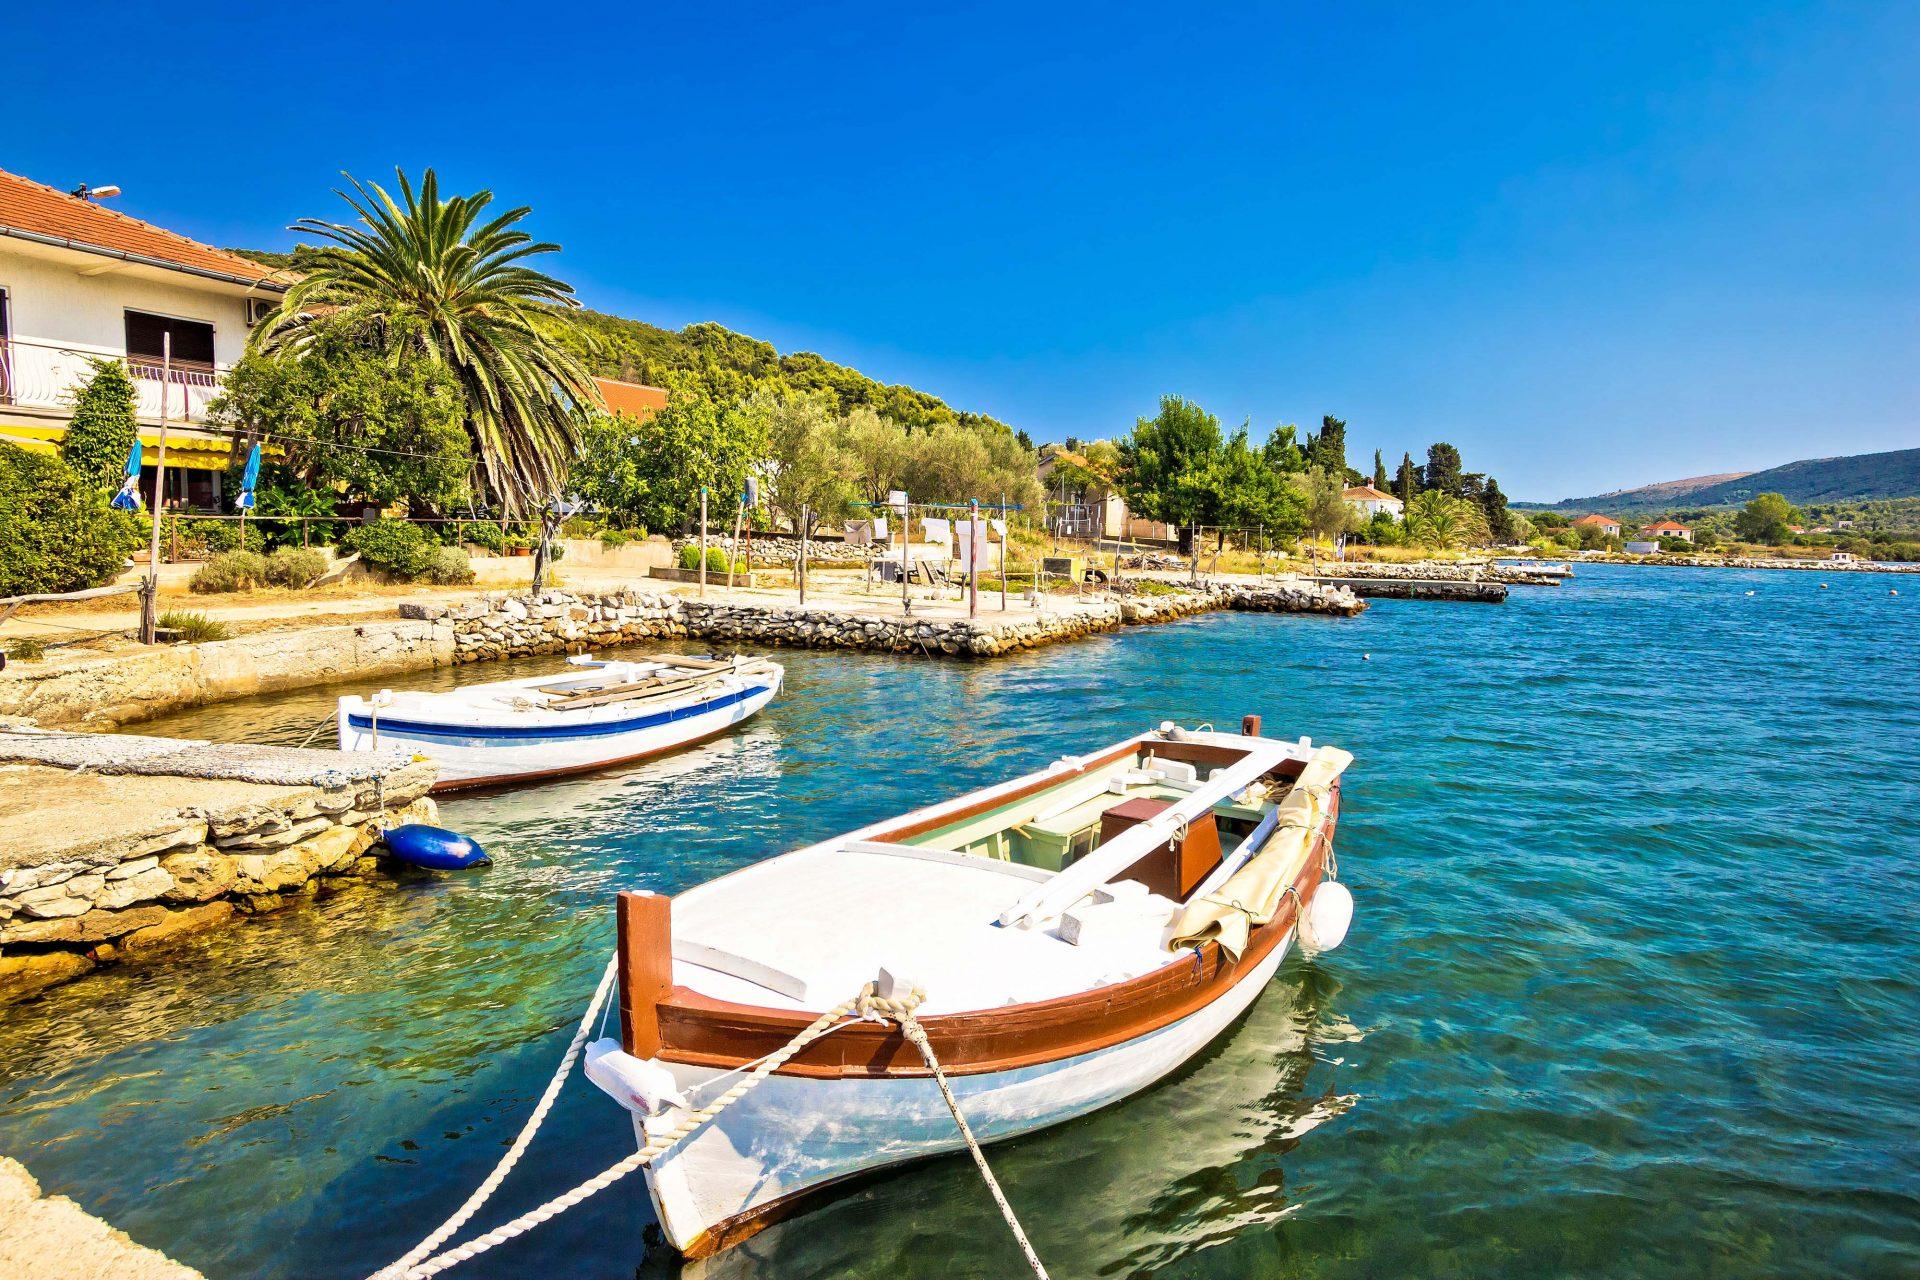 Insel Geheimtipp Dugi Otok in Kroatien mit schönen Fischerdörfern